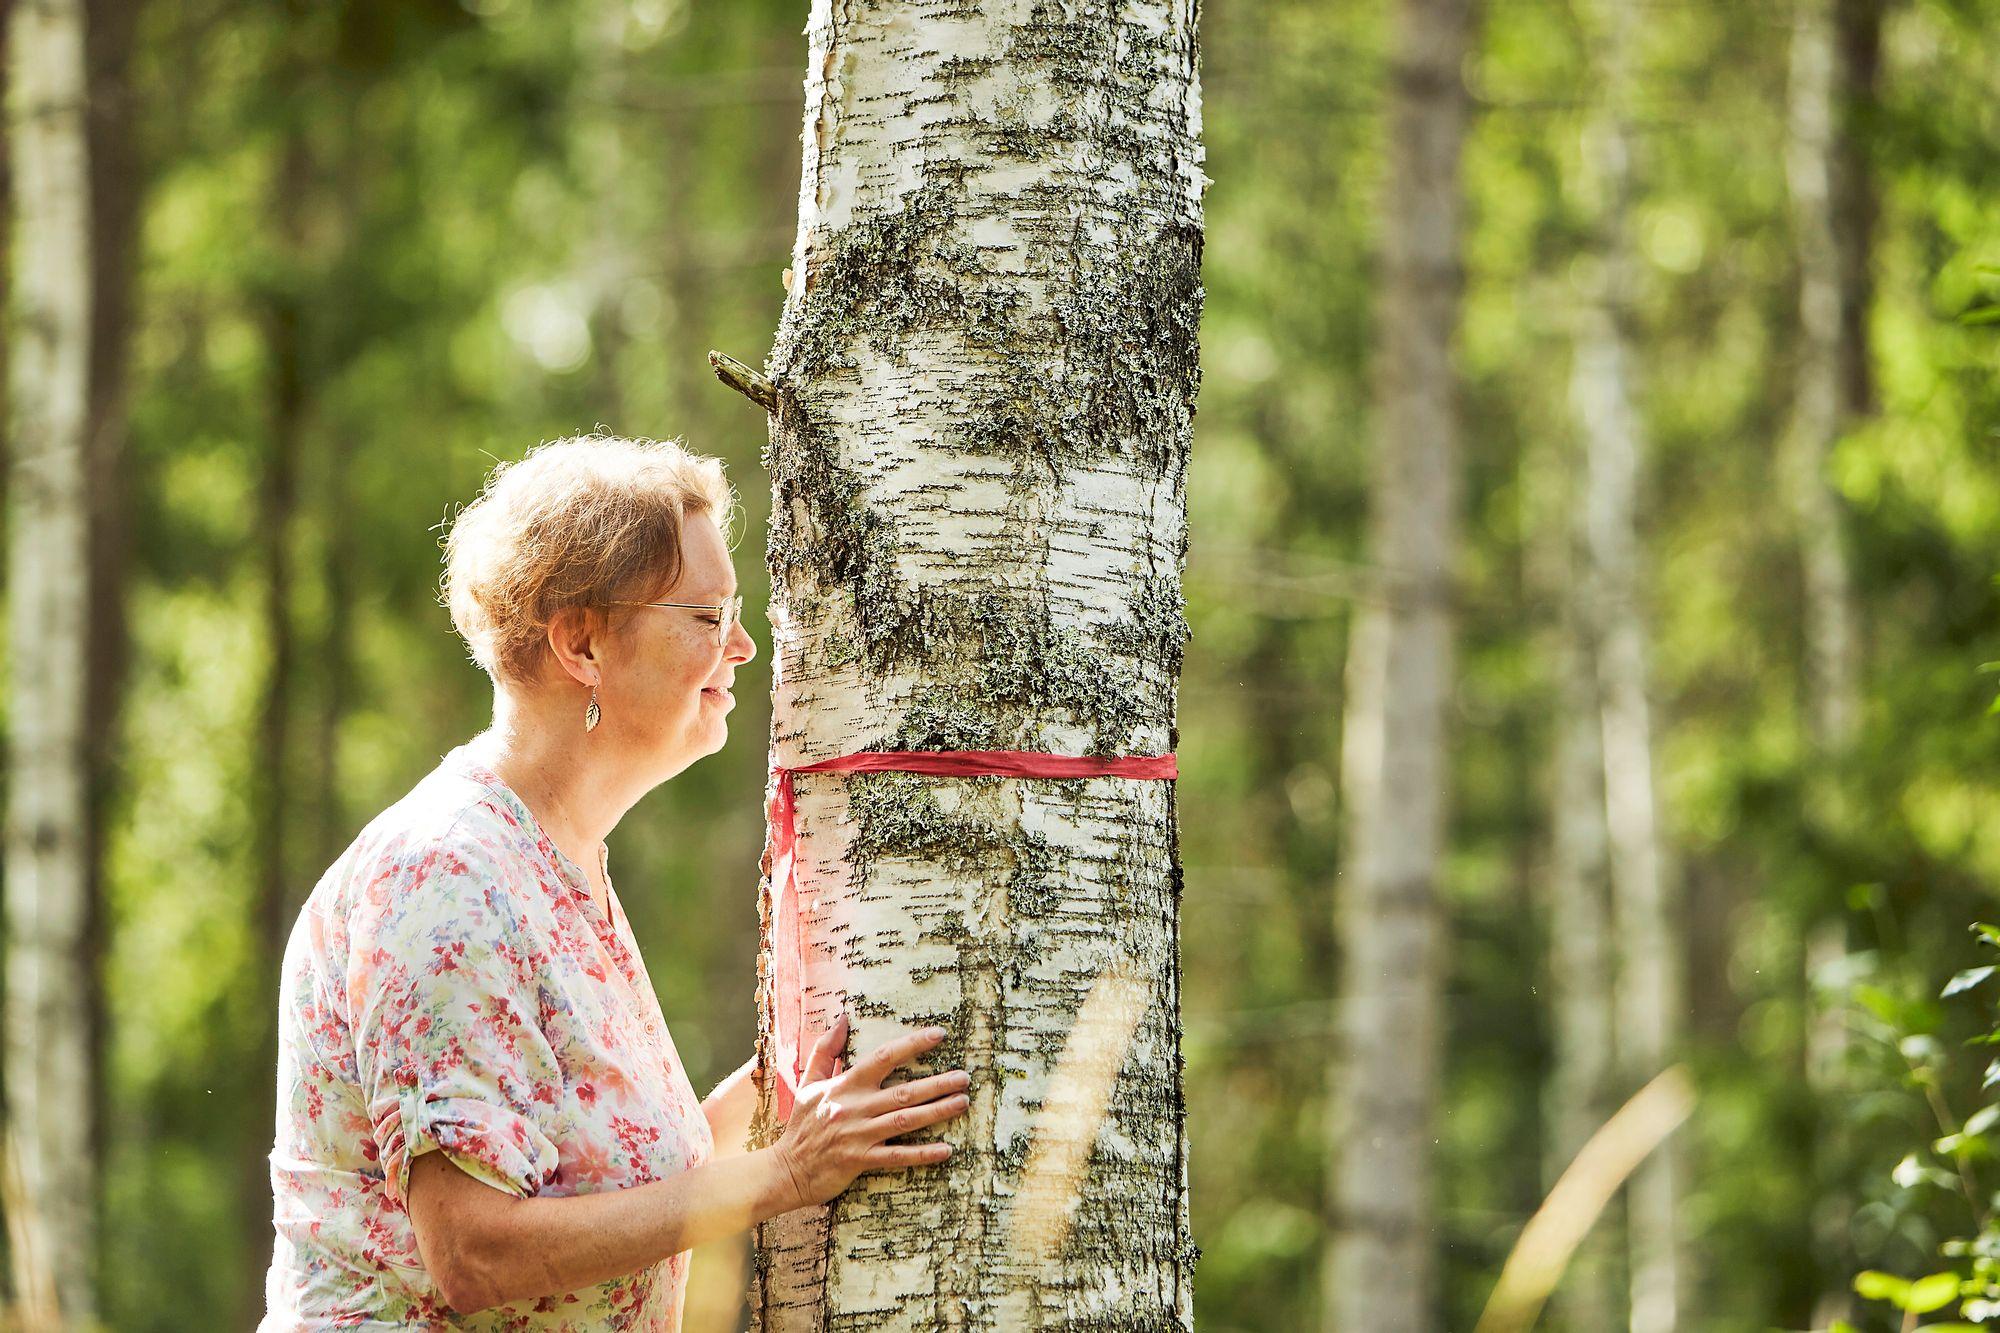 Outi Petterssonille metsä on levon ja virkistyksen paikka, mutta myös kuntosali. Metsätöiden jälkeen ei tee mieli nostelemaan puntteja. © Sara Pihlaja